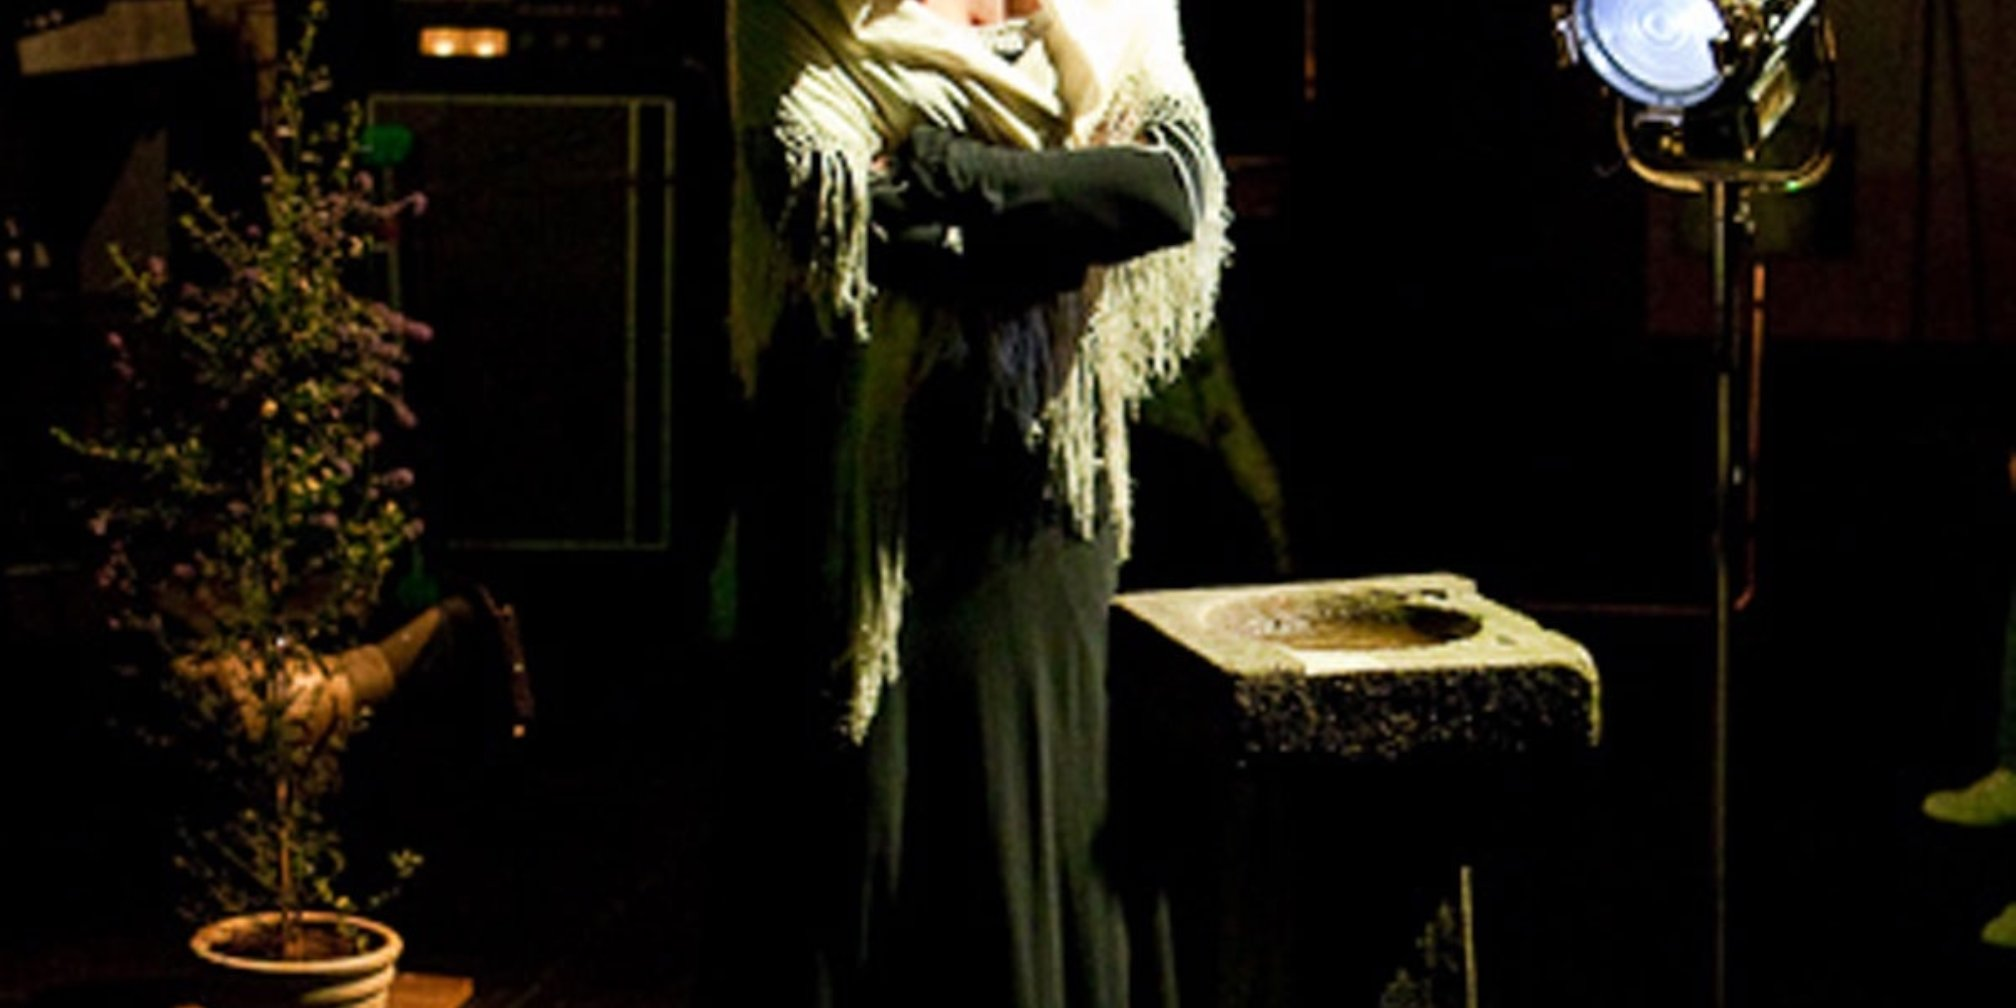 Dreama Centaur, 2009 at Zabludowicz Collection, London